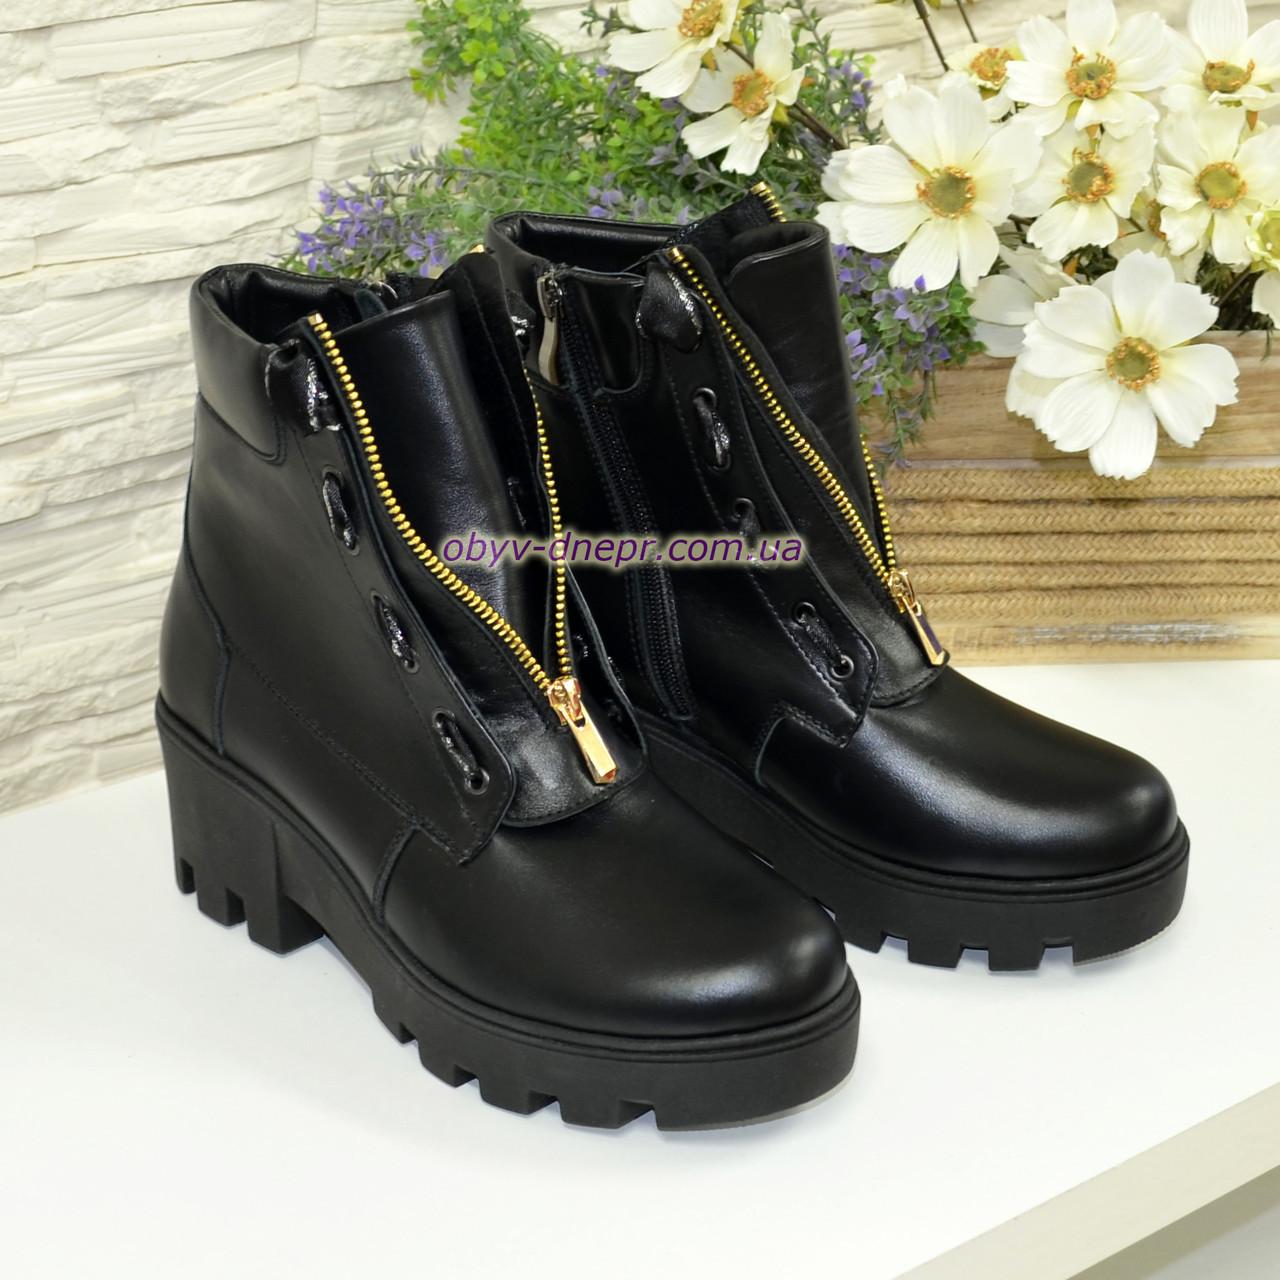 Ботинки черные женские кожаные демисезонные на тракторной подошве